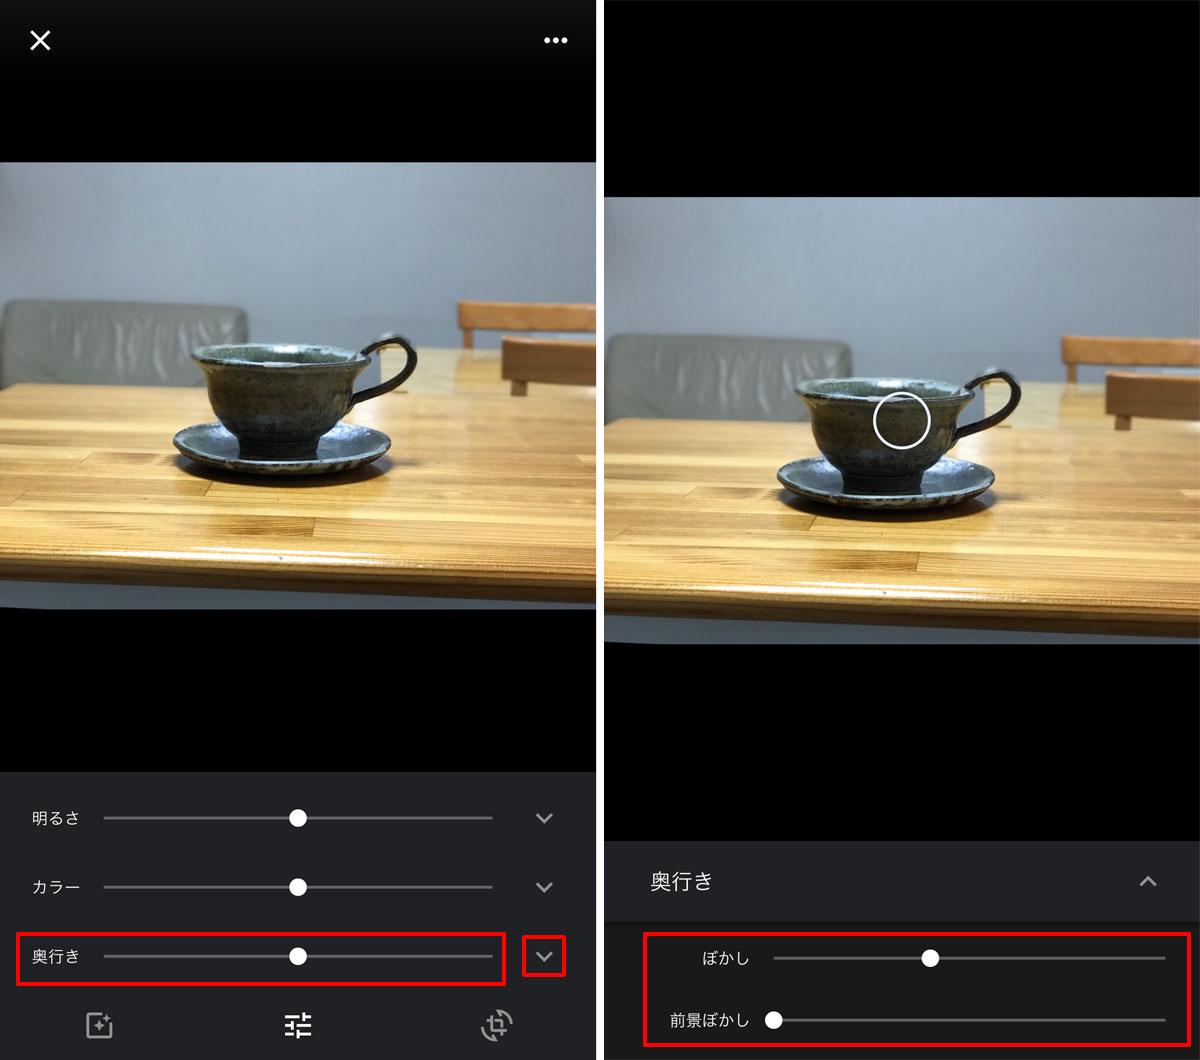 「Googleフォト」アプリで、「奥行き」スライダーの右側をタップすると、「ぼかし」「前景ぼかし」の調整スライダーが登場